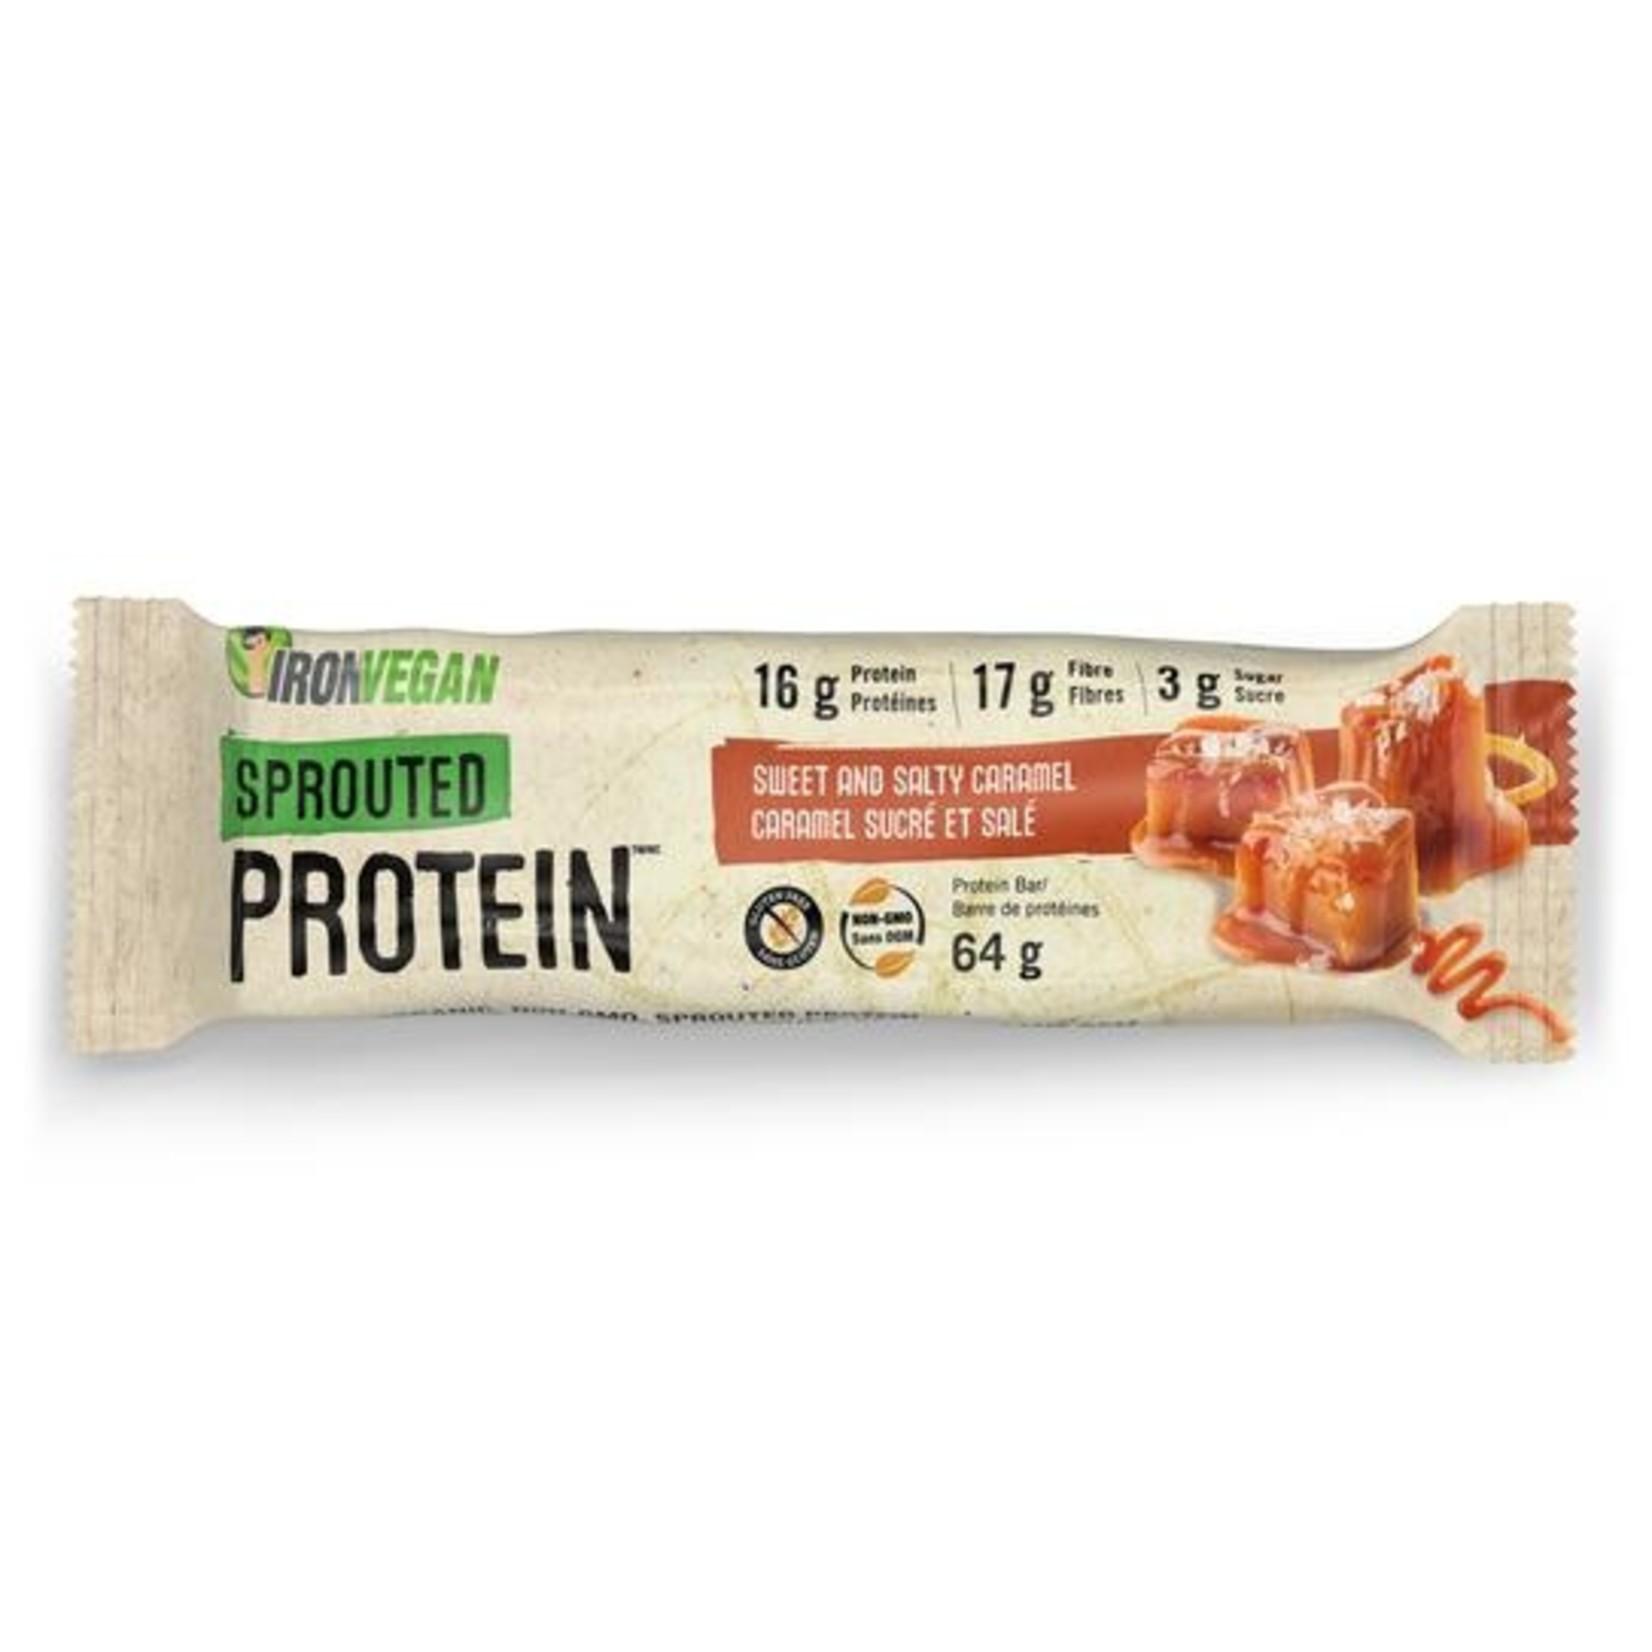 Iron Vegan Iron Vegan Protein Bar Sweet and Salty Caramel